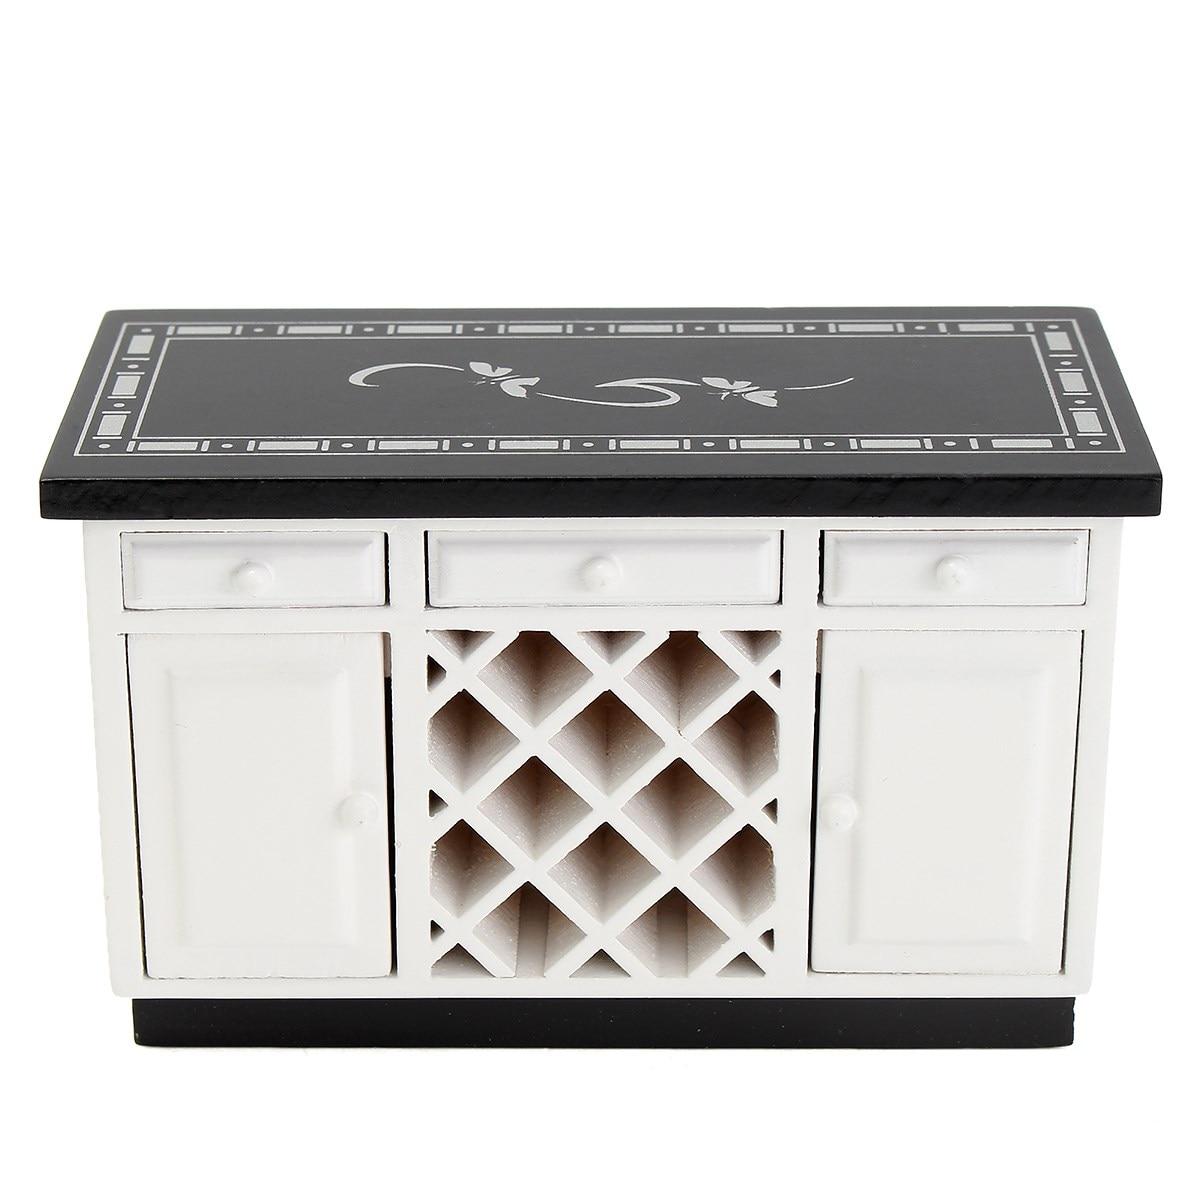 Ungewöhnlich Holz Spielzeug Küche Satz Ikea Bilder - Küchenschrank ...